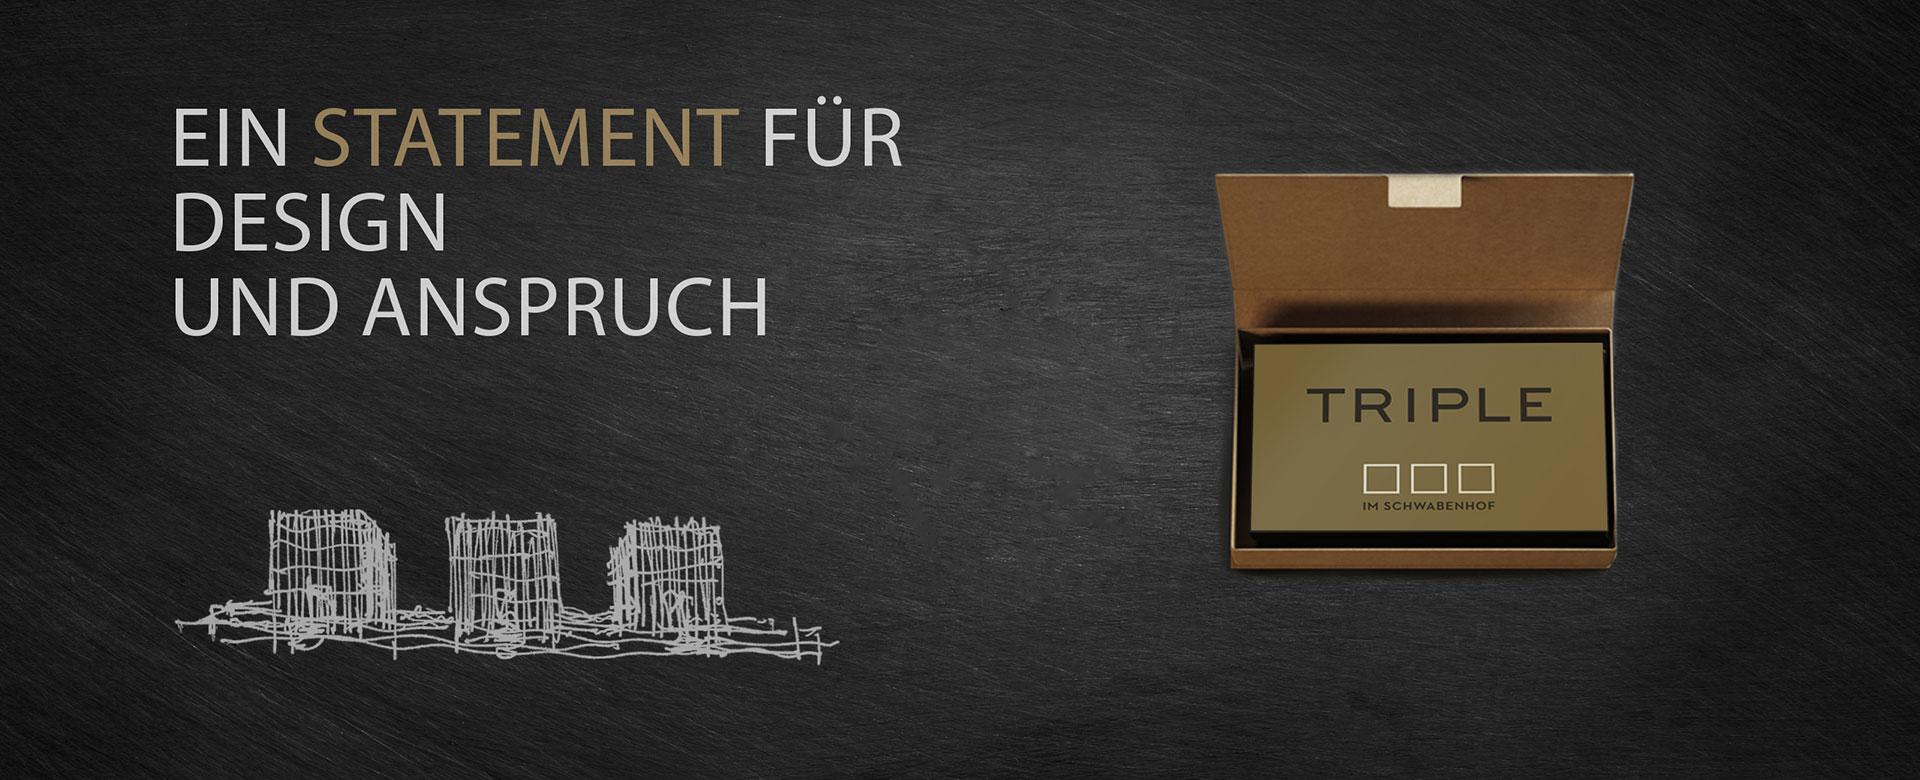 Titelbild TRIPLE im Schwabenhof - Text Ein Statement für Design und Anspruch Design